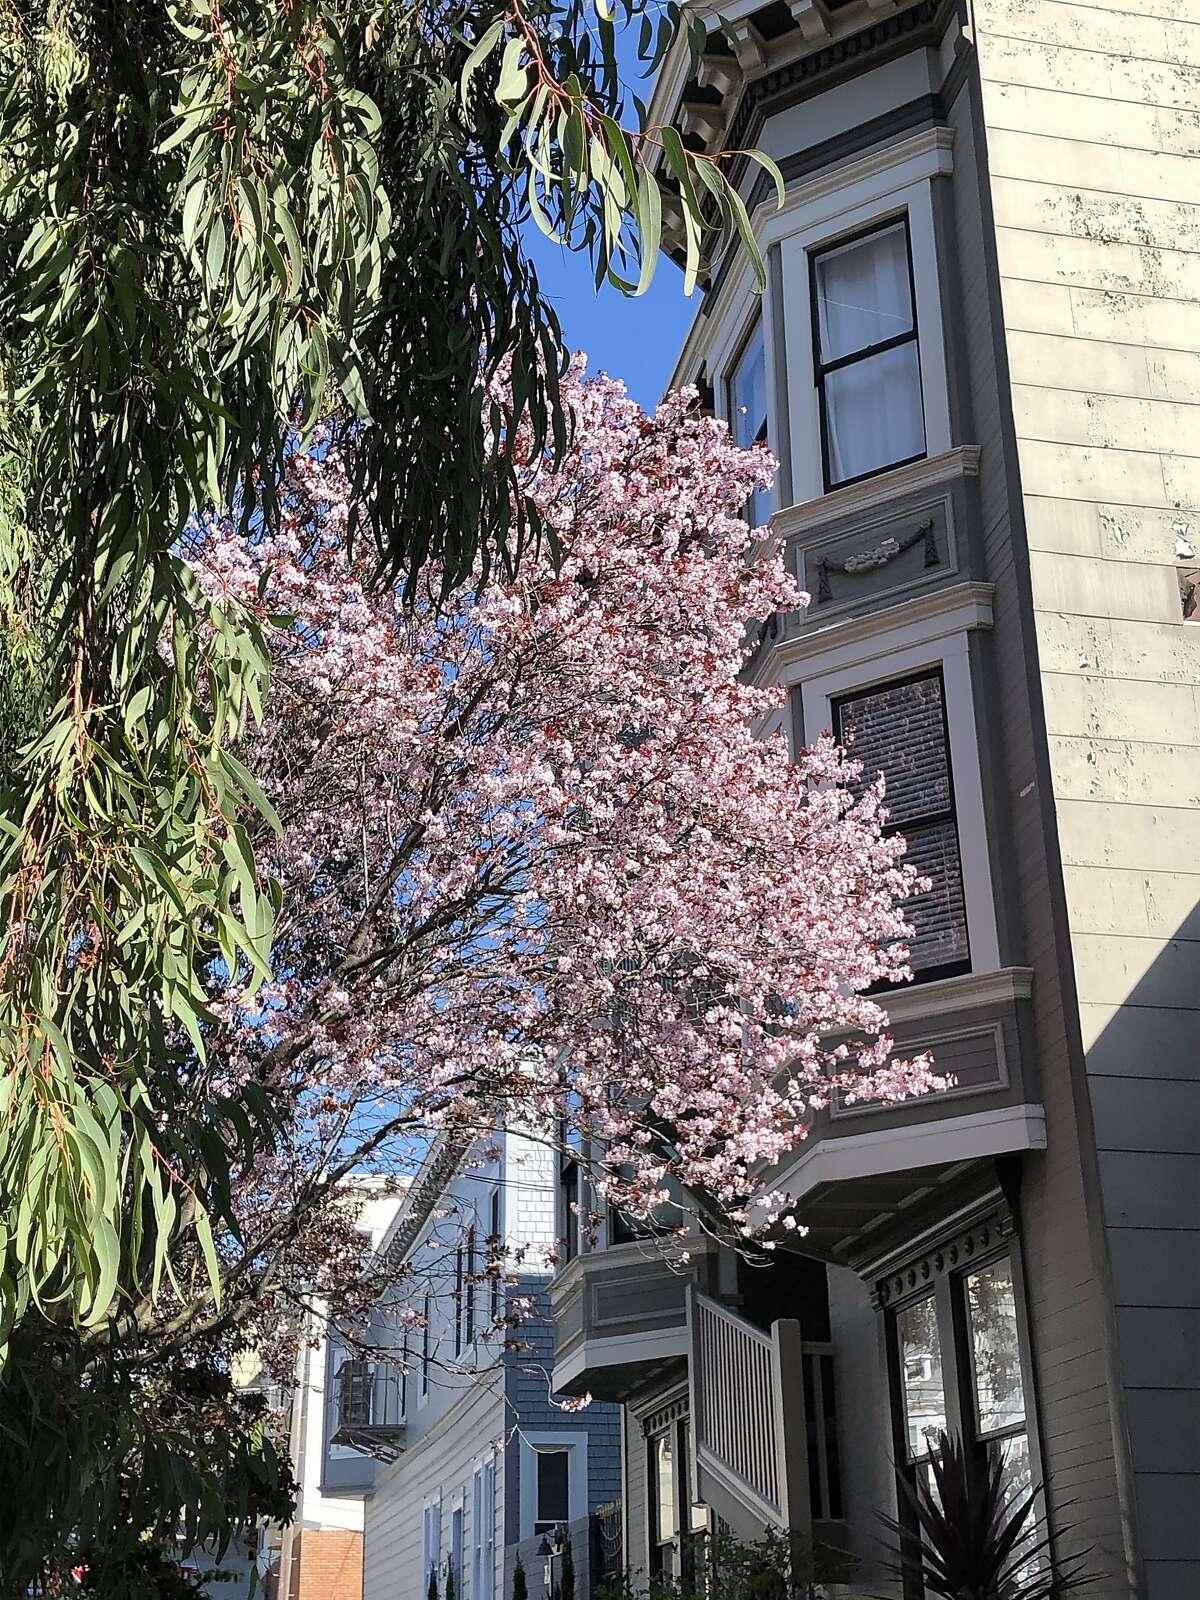 Street trees in flower along Noe Street.